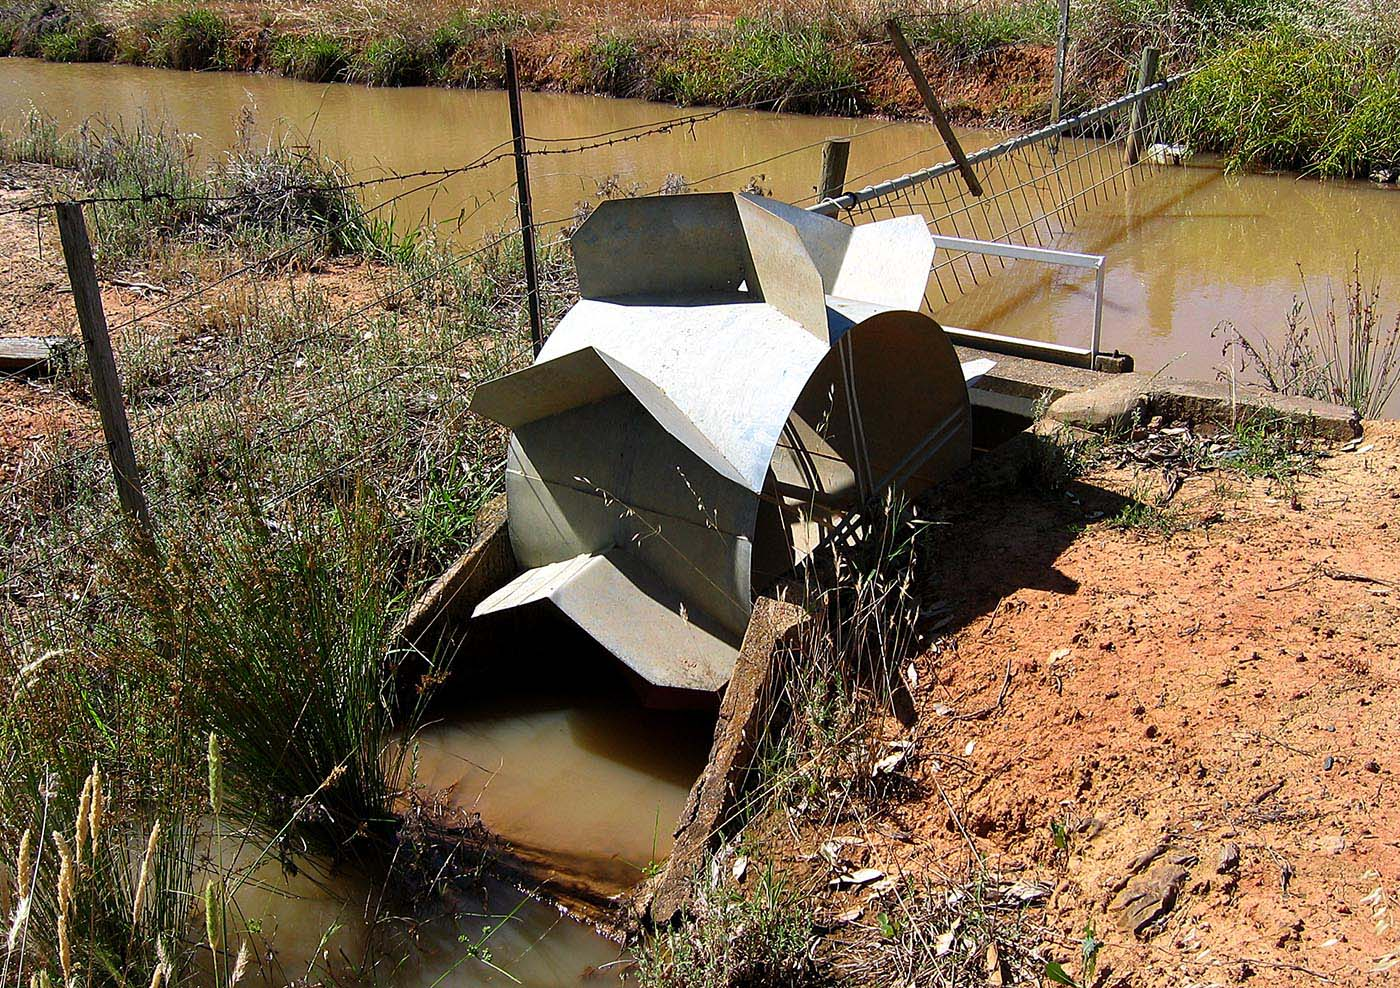 Metal wheel mounted in concrete casement beside an irrigation channel.